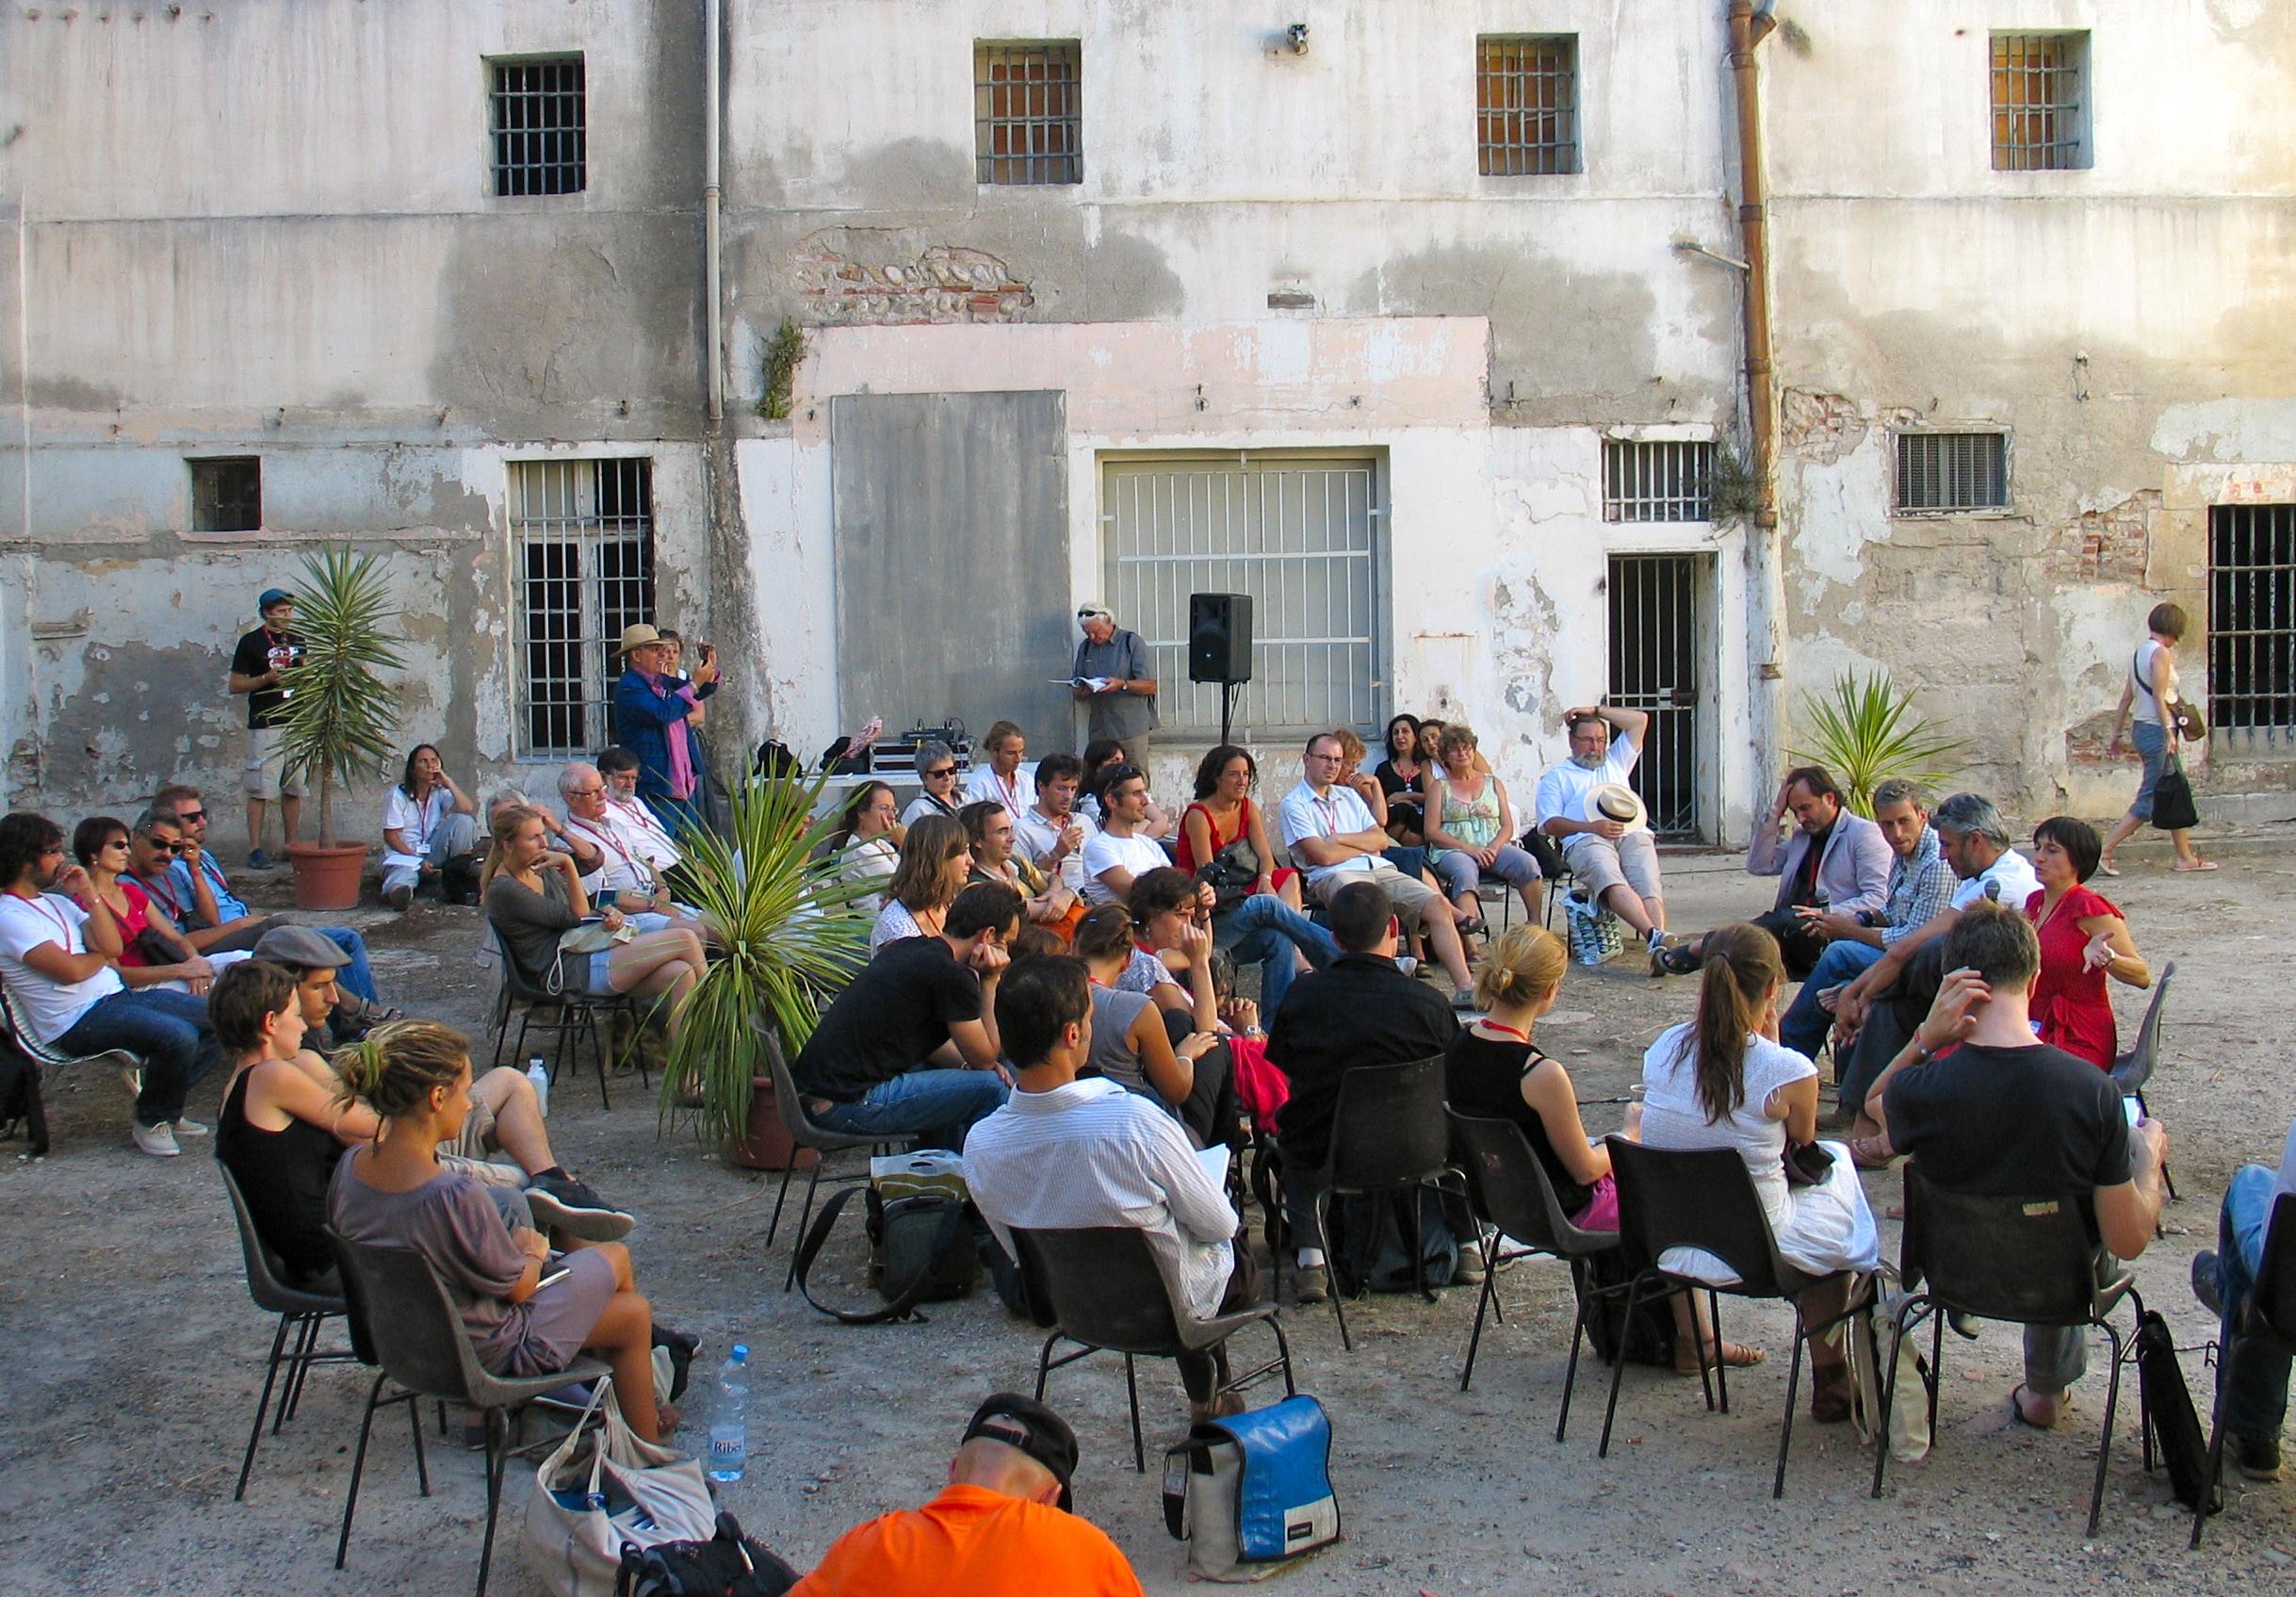 Visa pour l'image - Perpignan 2010 : Vues d'ailleurs, avec Freelens au couvent Sainte Claire